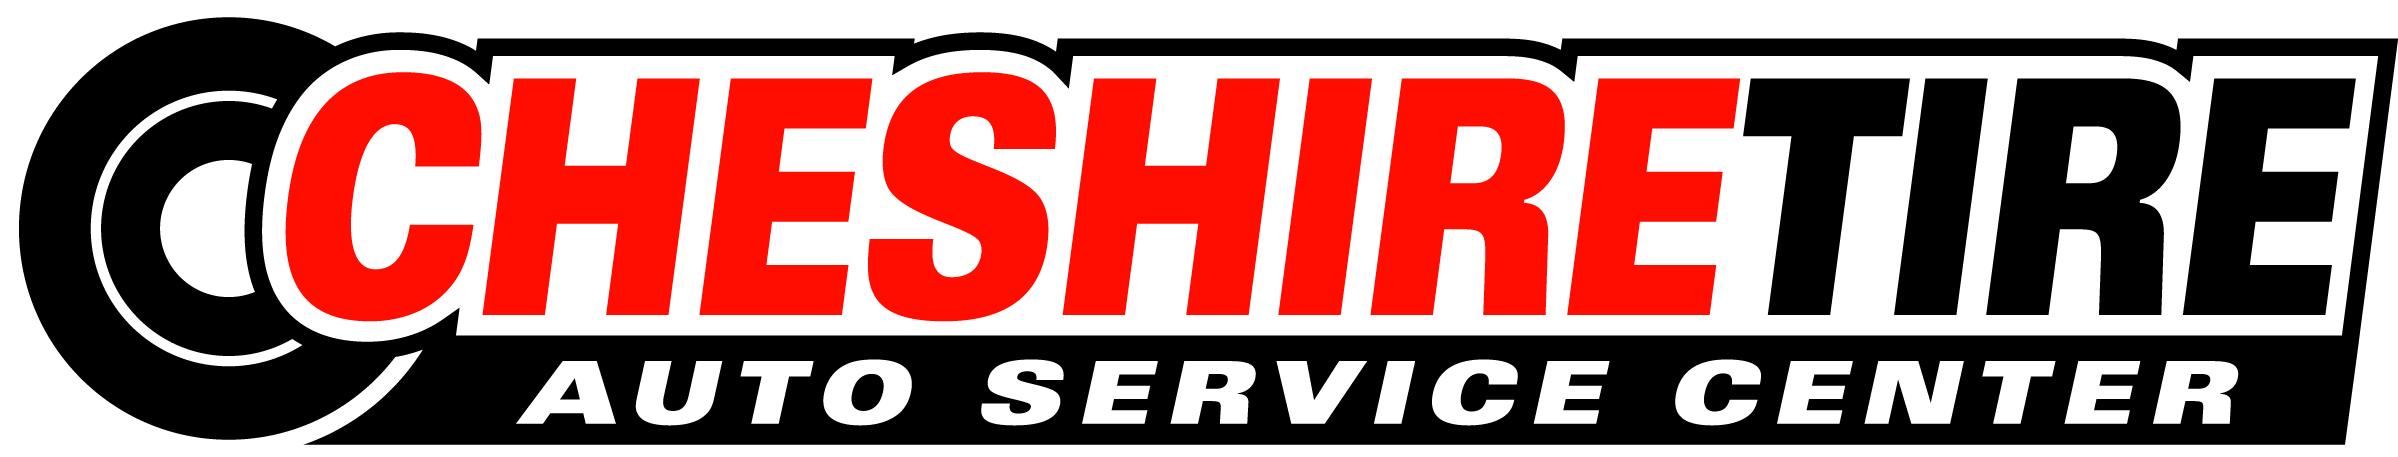 CheshireTire_Logo_CMYK.jpg